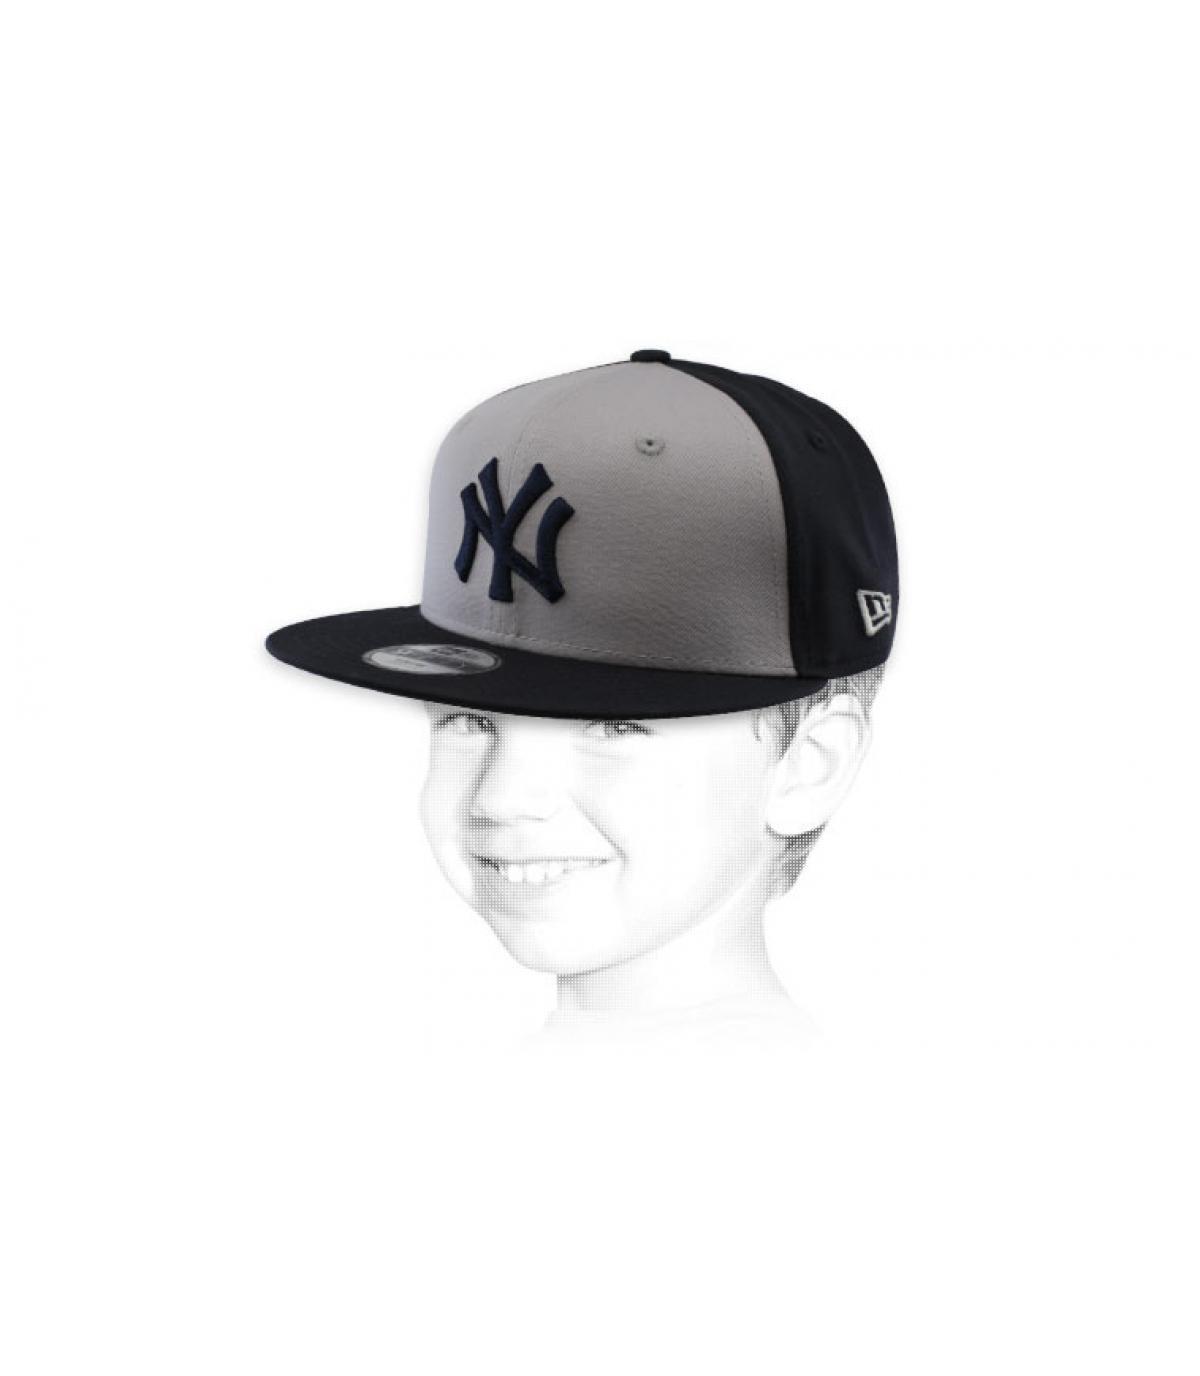 snapback NY bambino grigio nero